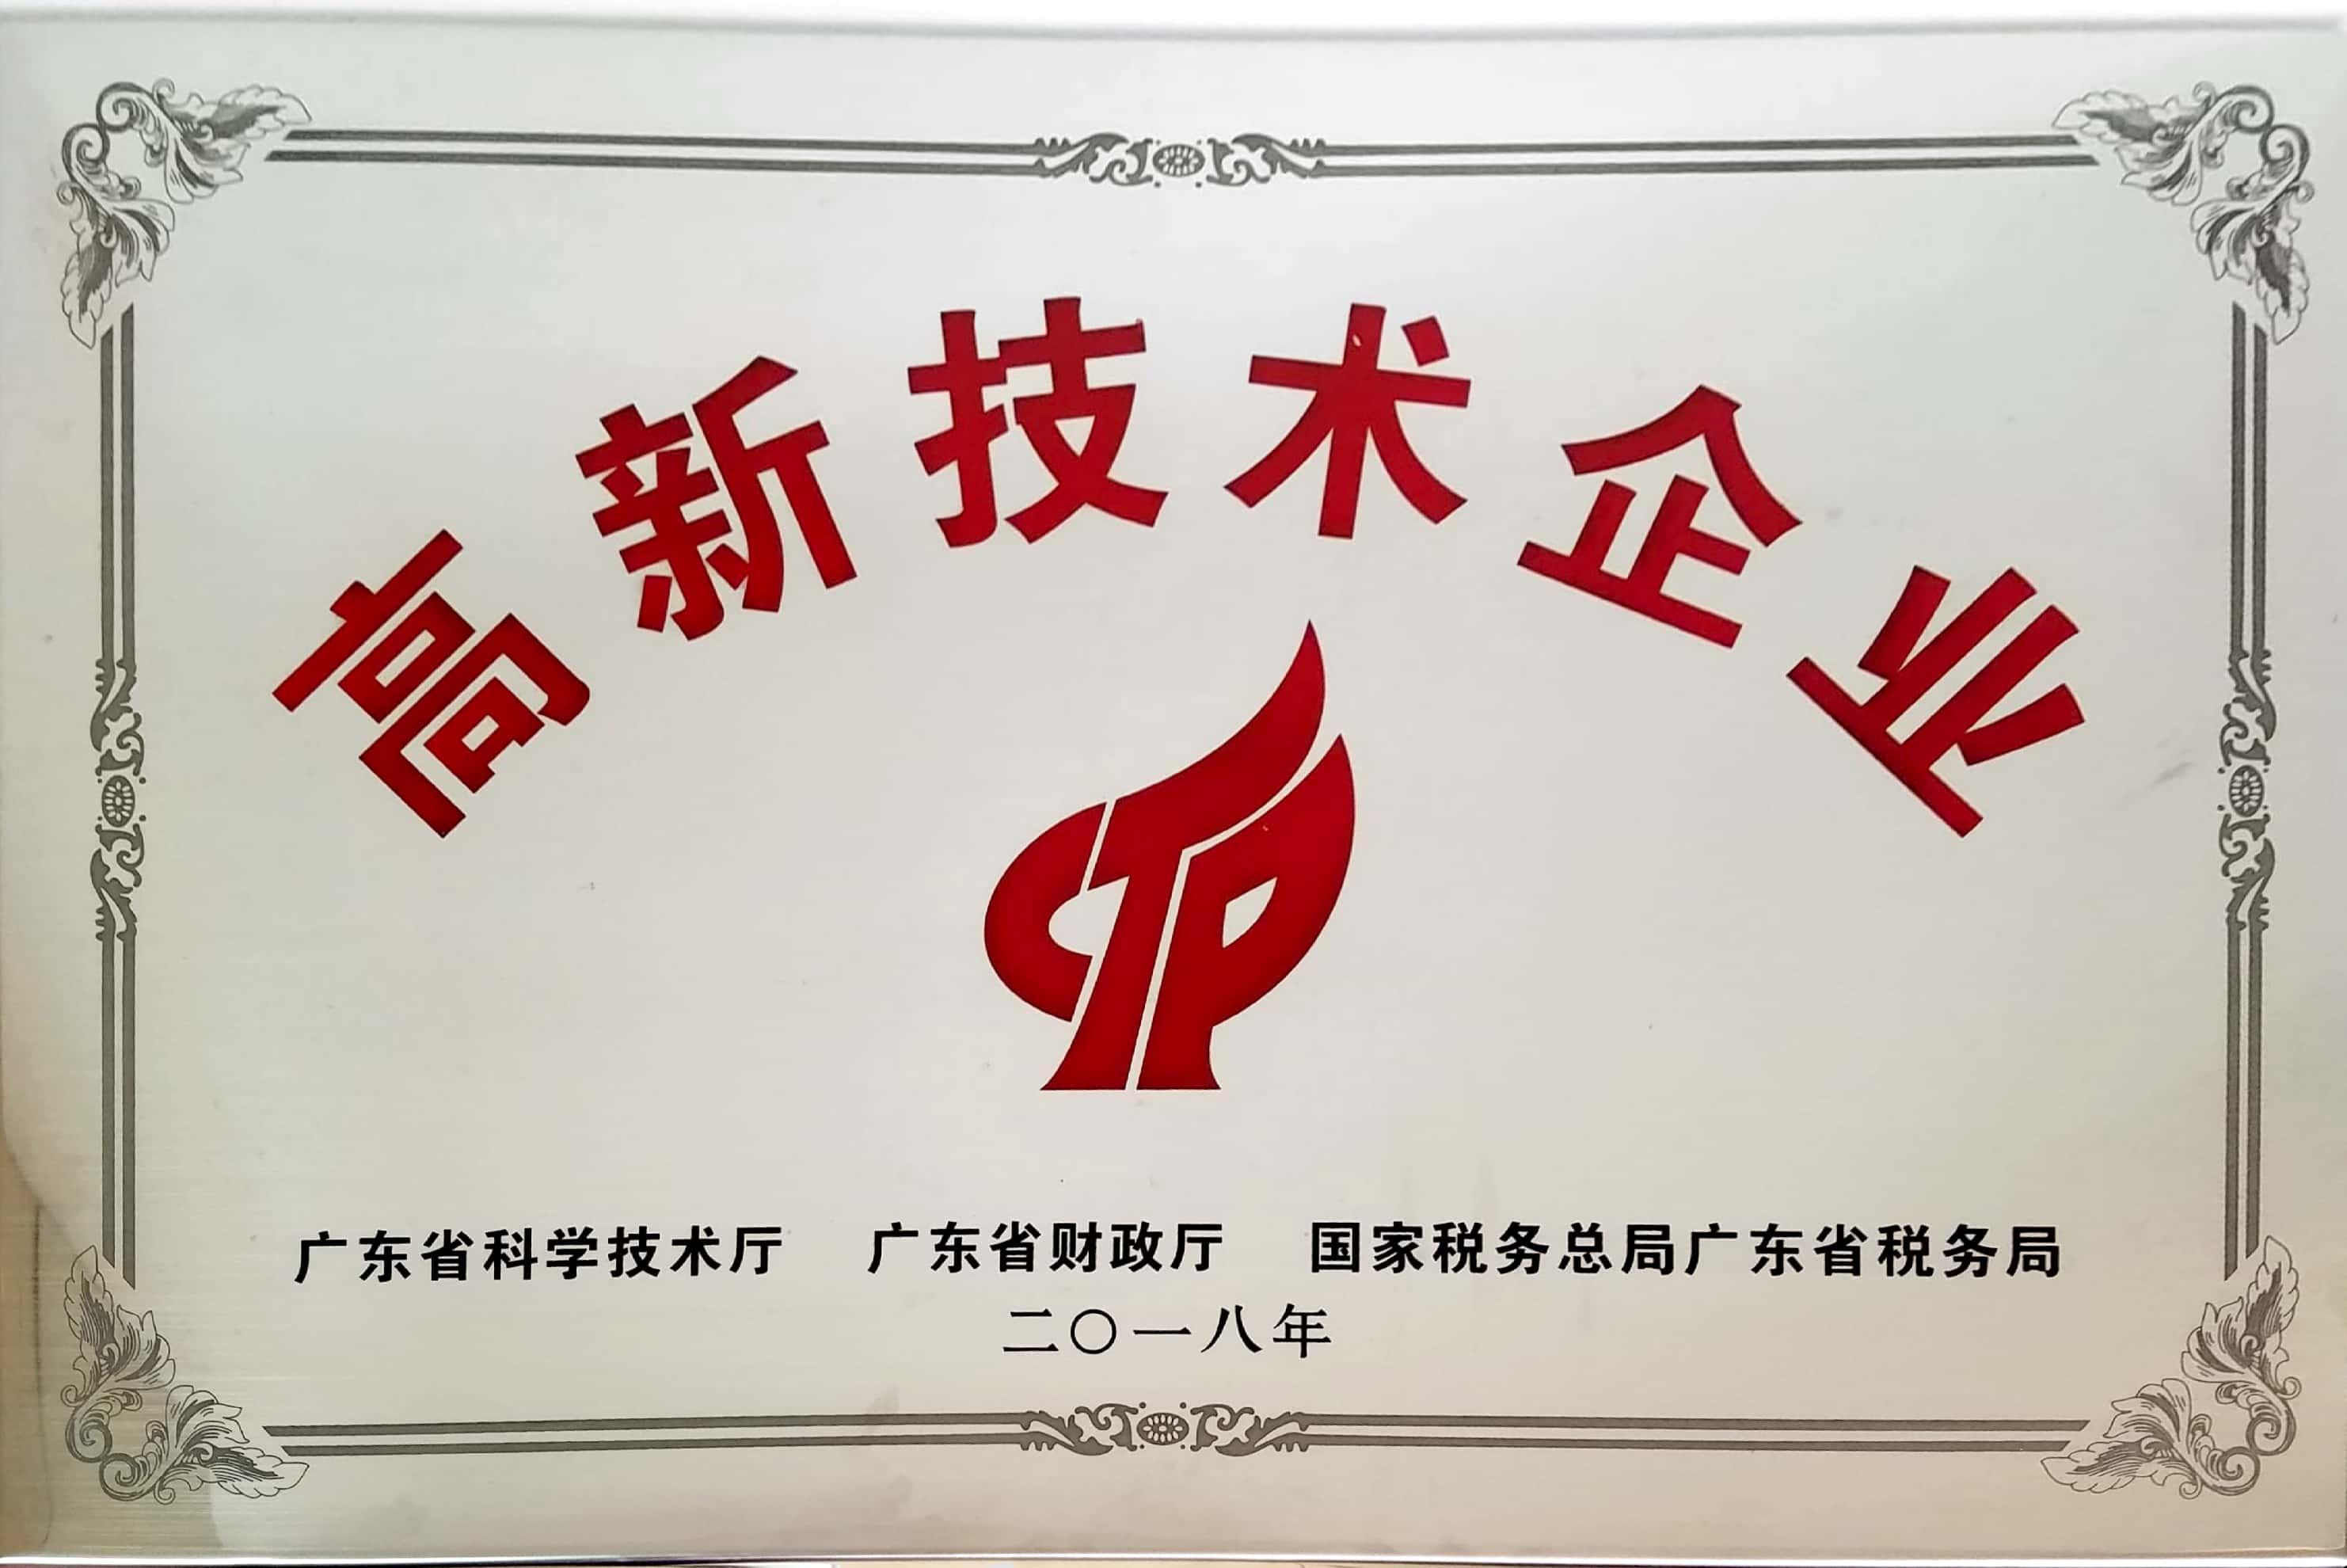 """广州医药研究总院有限公司顺利通过""""高新技术企业""""认定"""